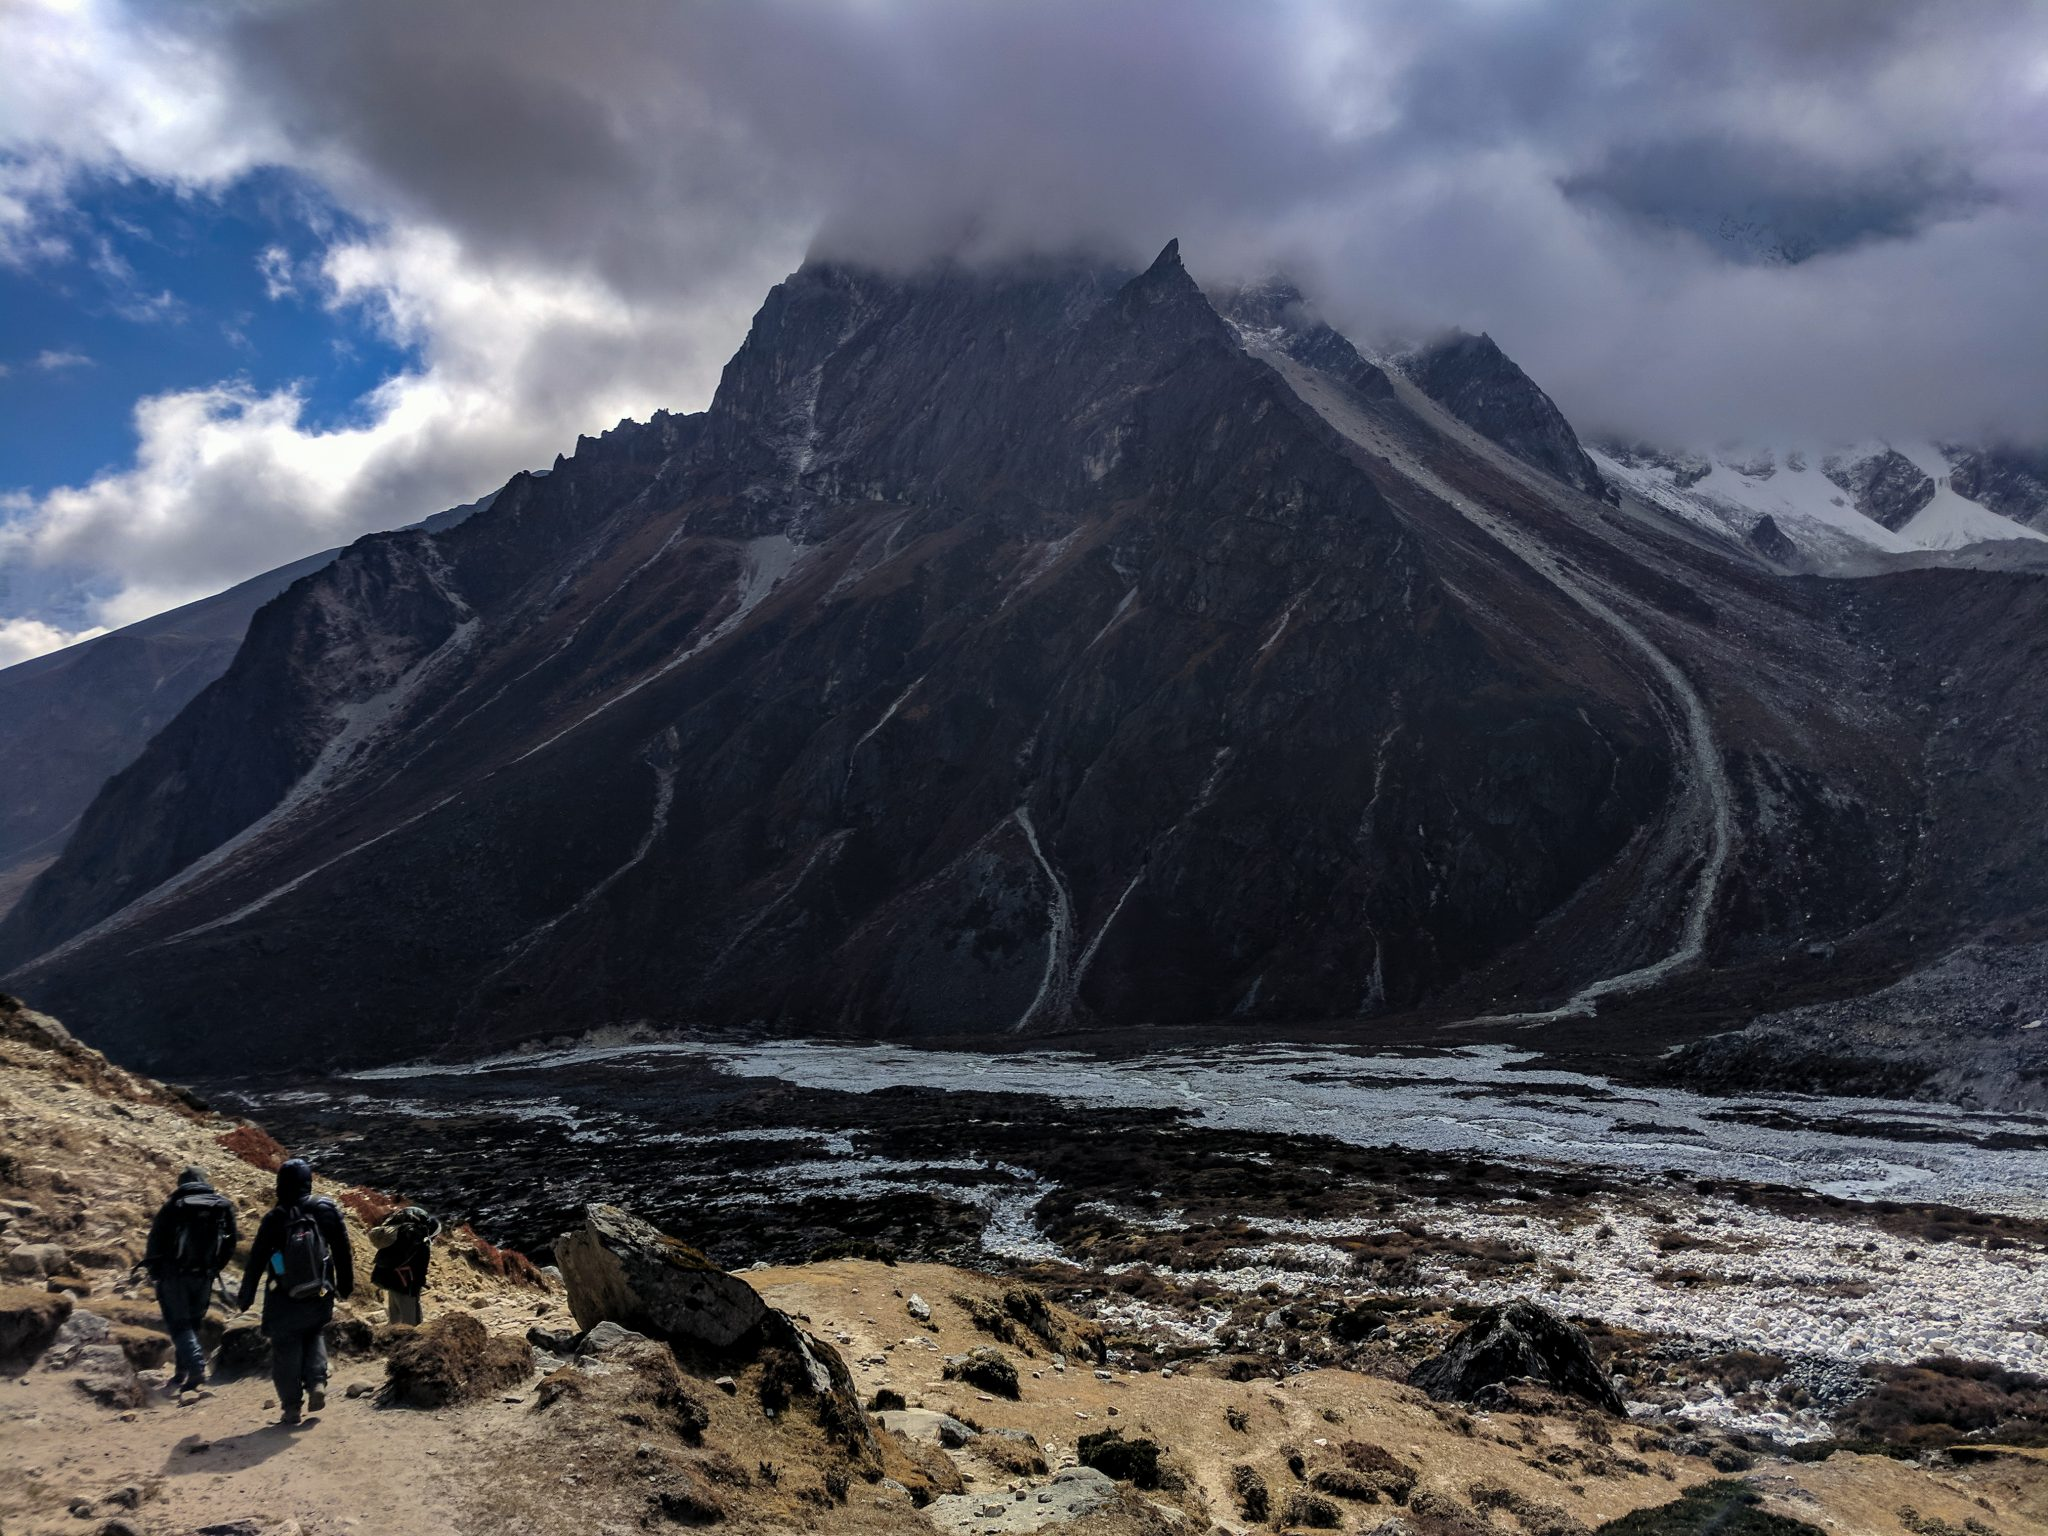 Everest Trek Mountain near Pheriche